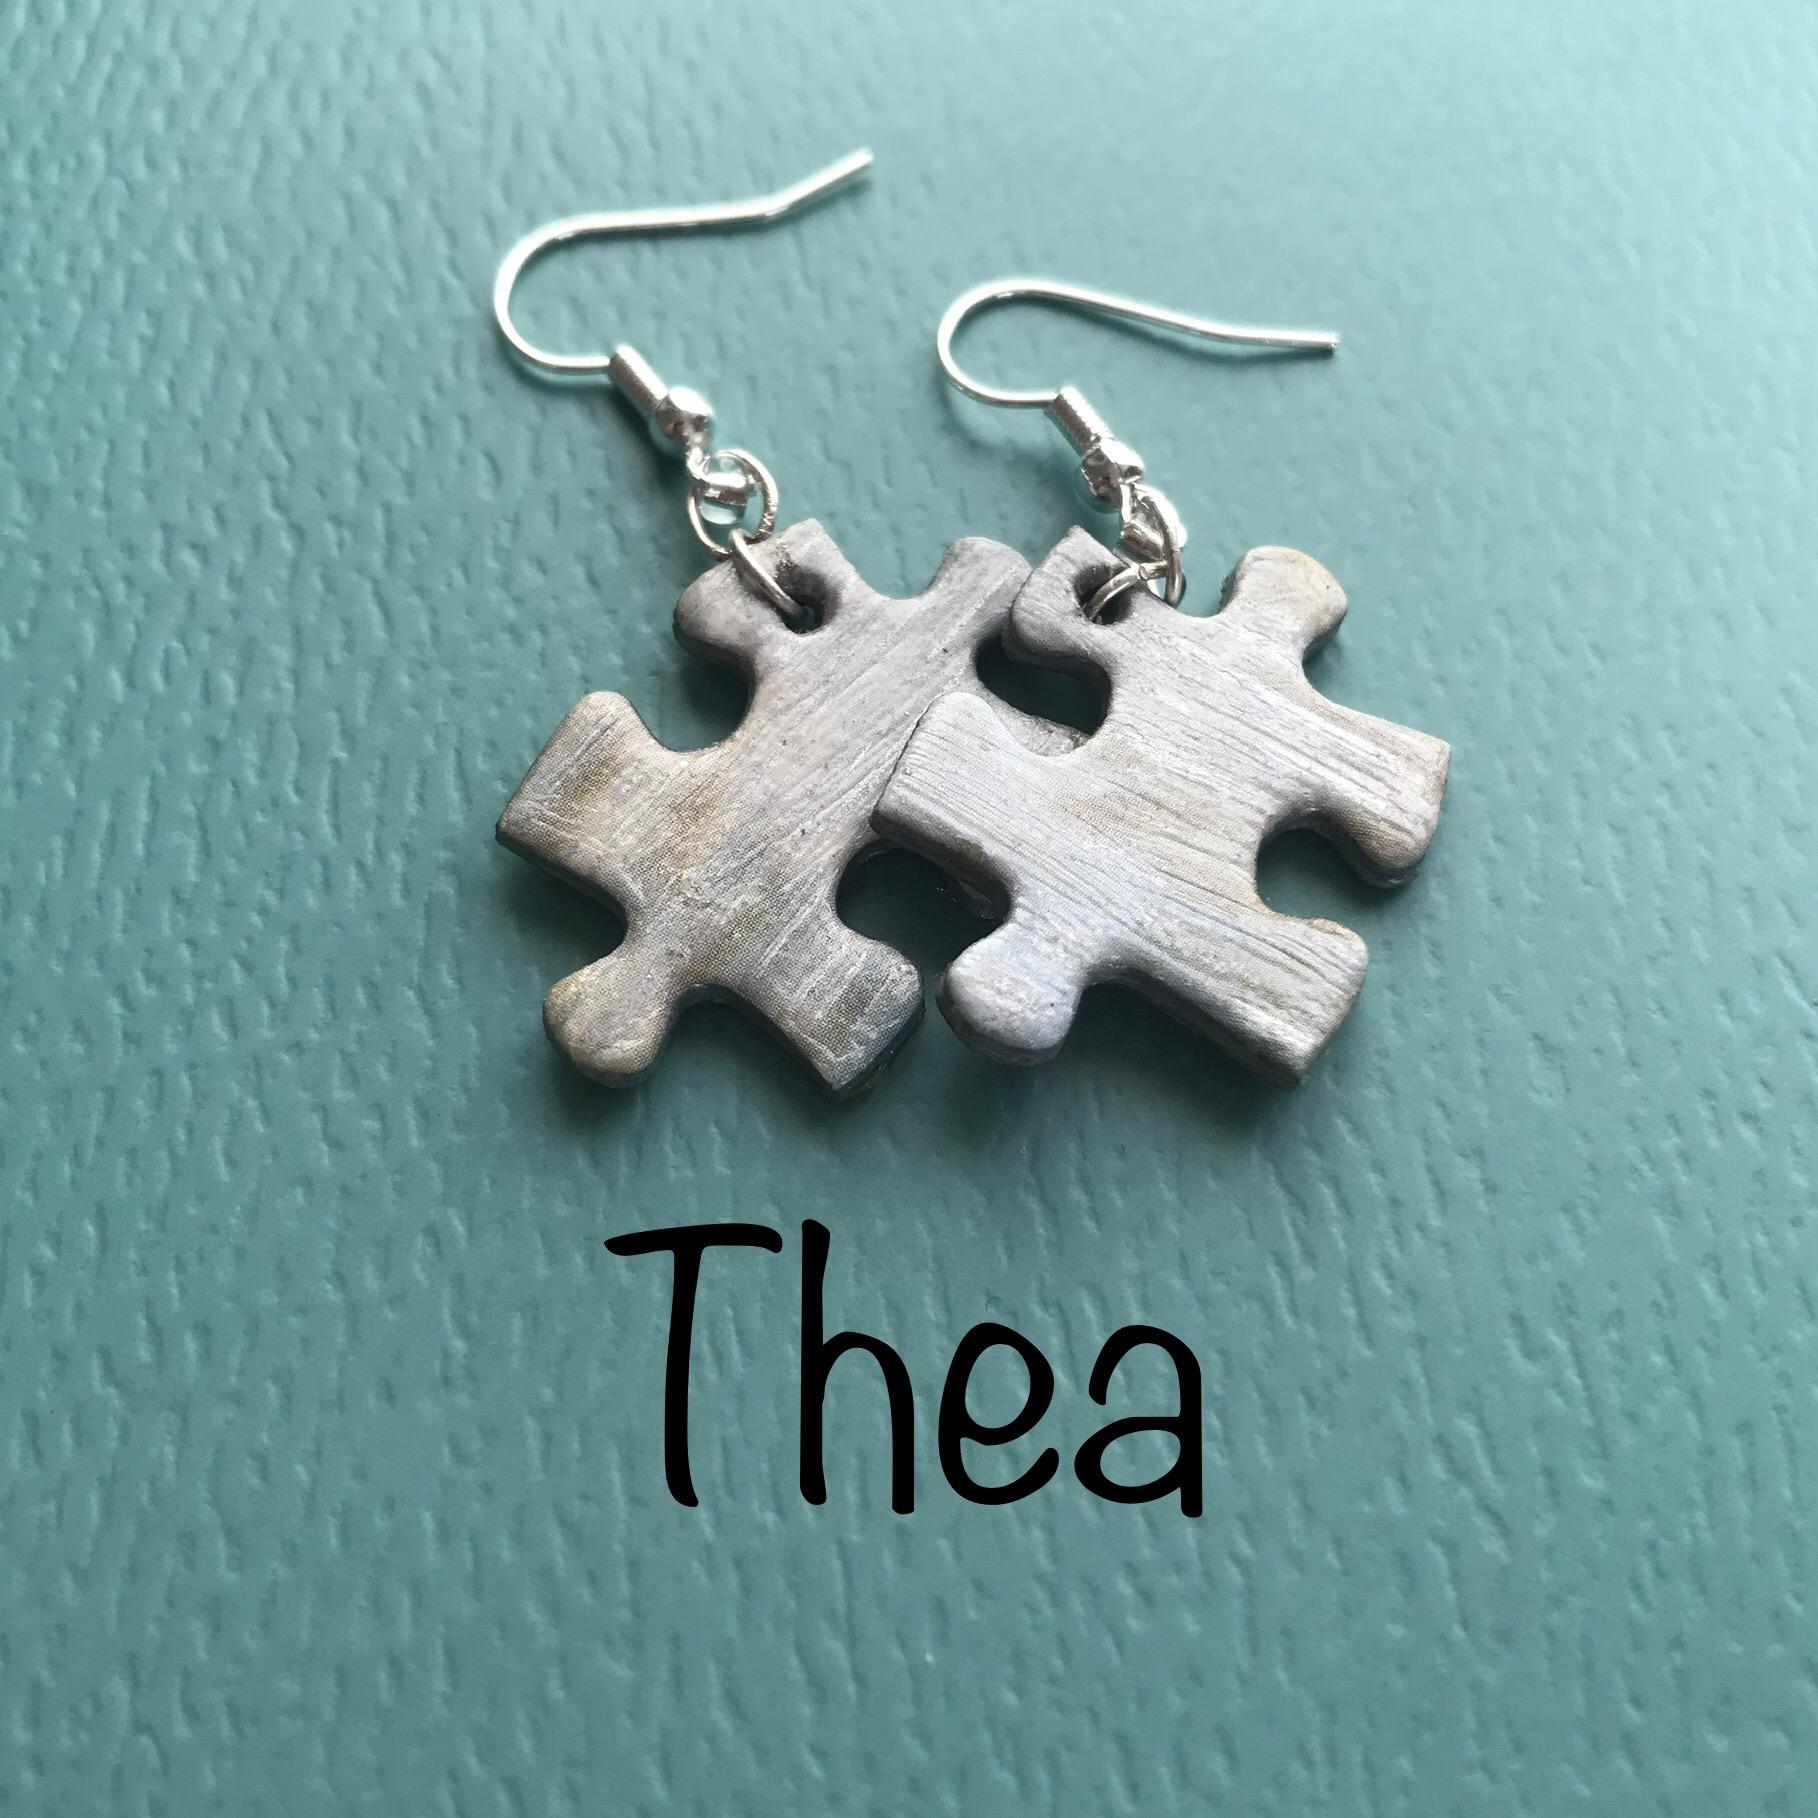 Jigsaw Jewellery Earrings - Thea